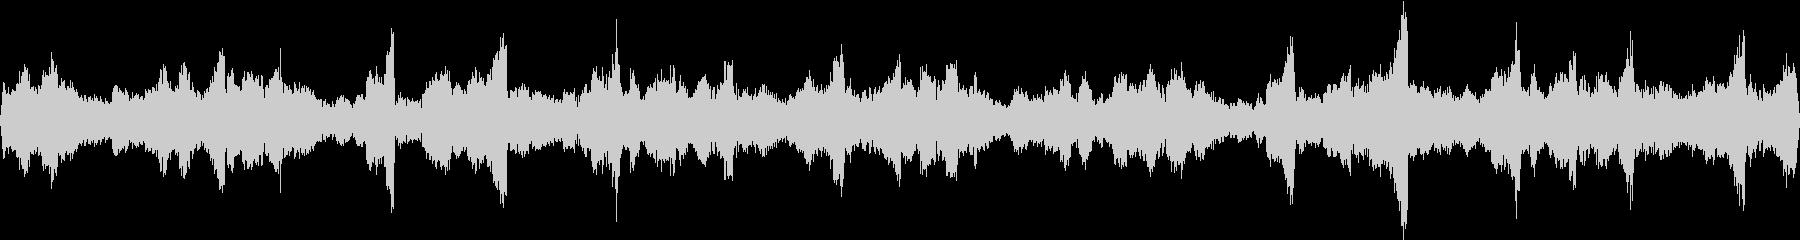 チル系エレクトロBGM02の未再生の波形